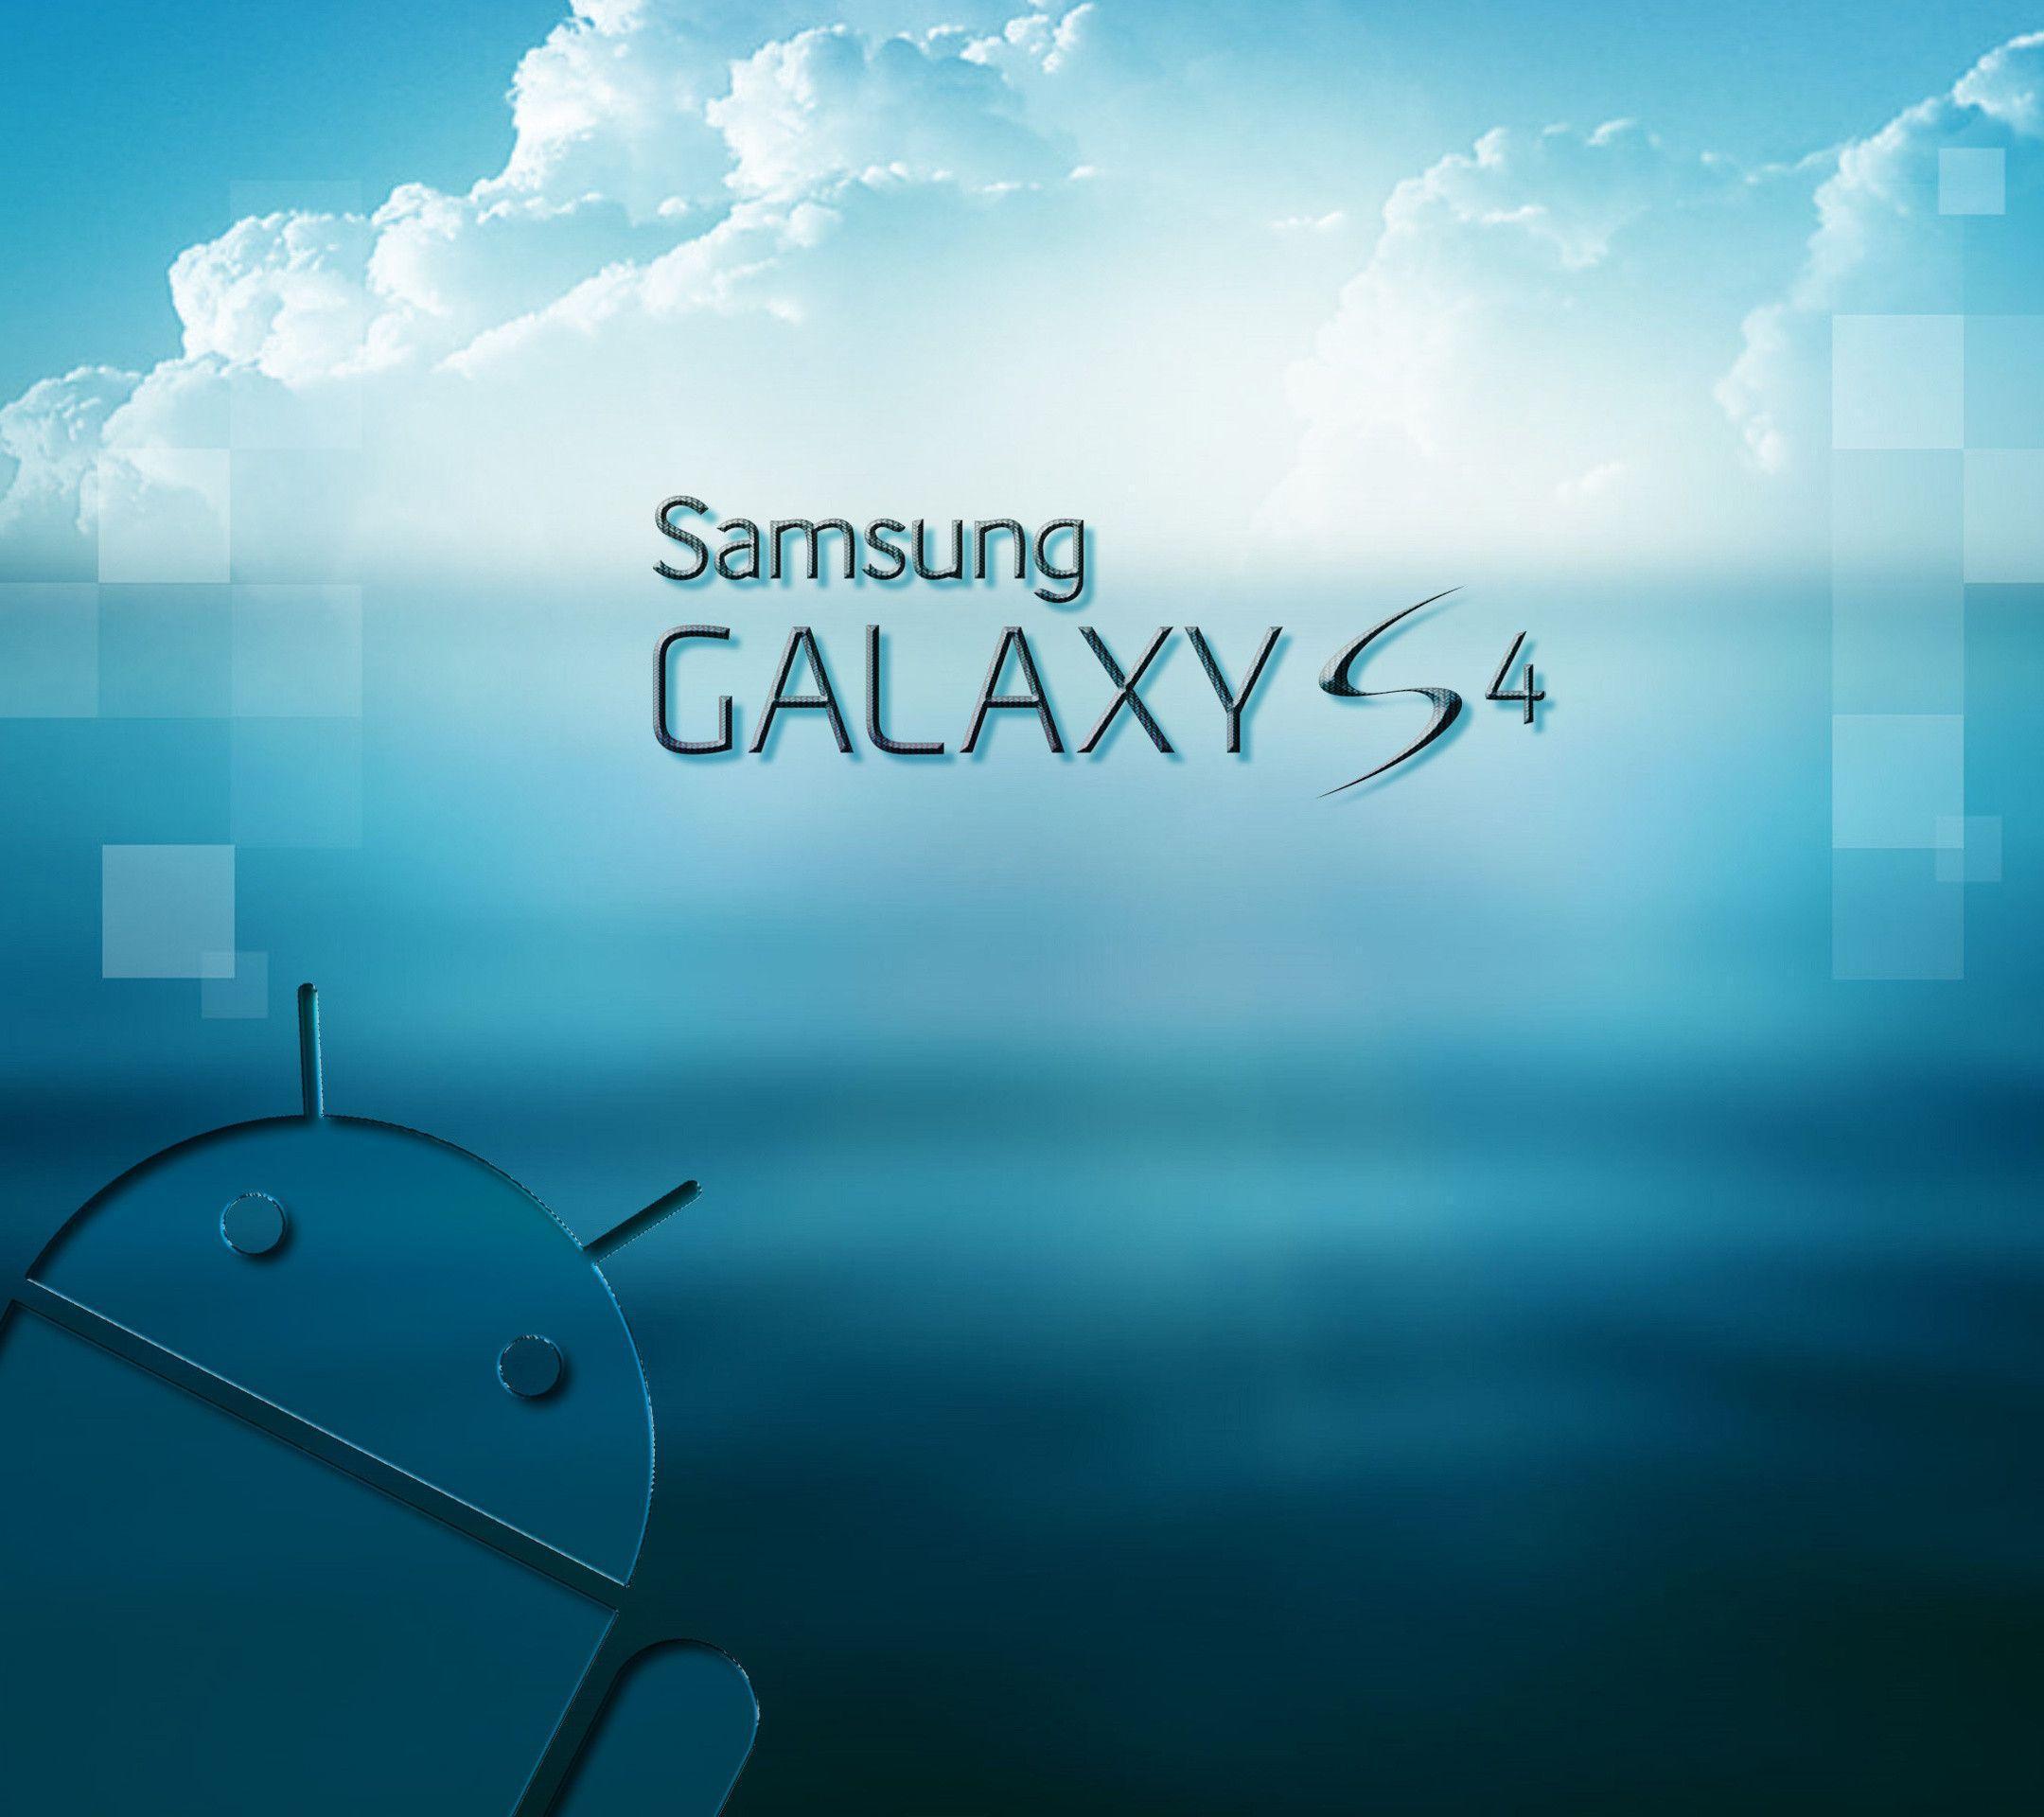 Samsung Logo Wallpaper Hd | Gambar Gadget